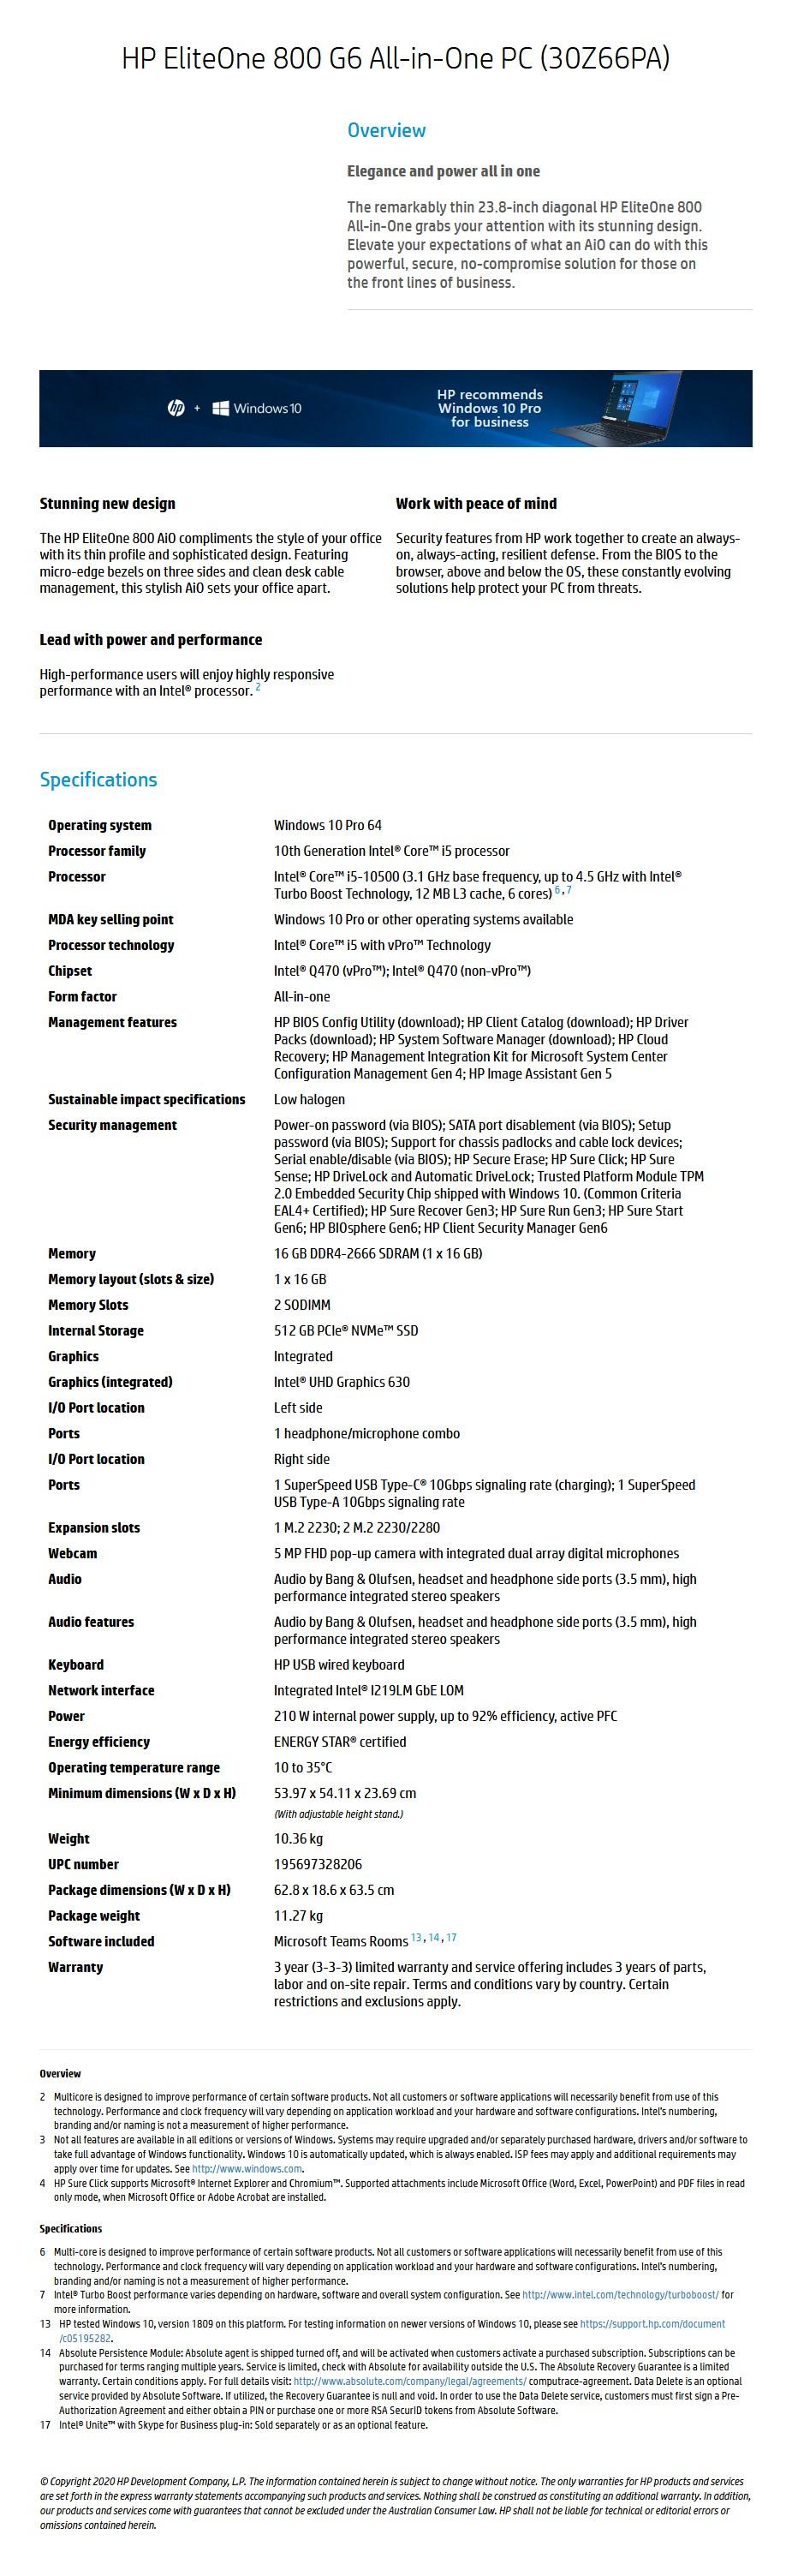 hp-eliteone-800-g6-aio-desktop-pc-fhd-238-i510500-16gb-512gb-wifi-bt-w10p-ac41134-4.jpg